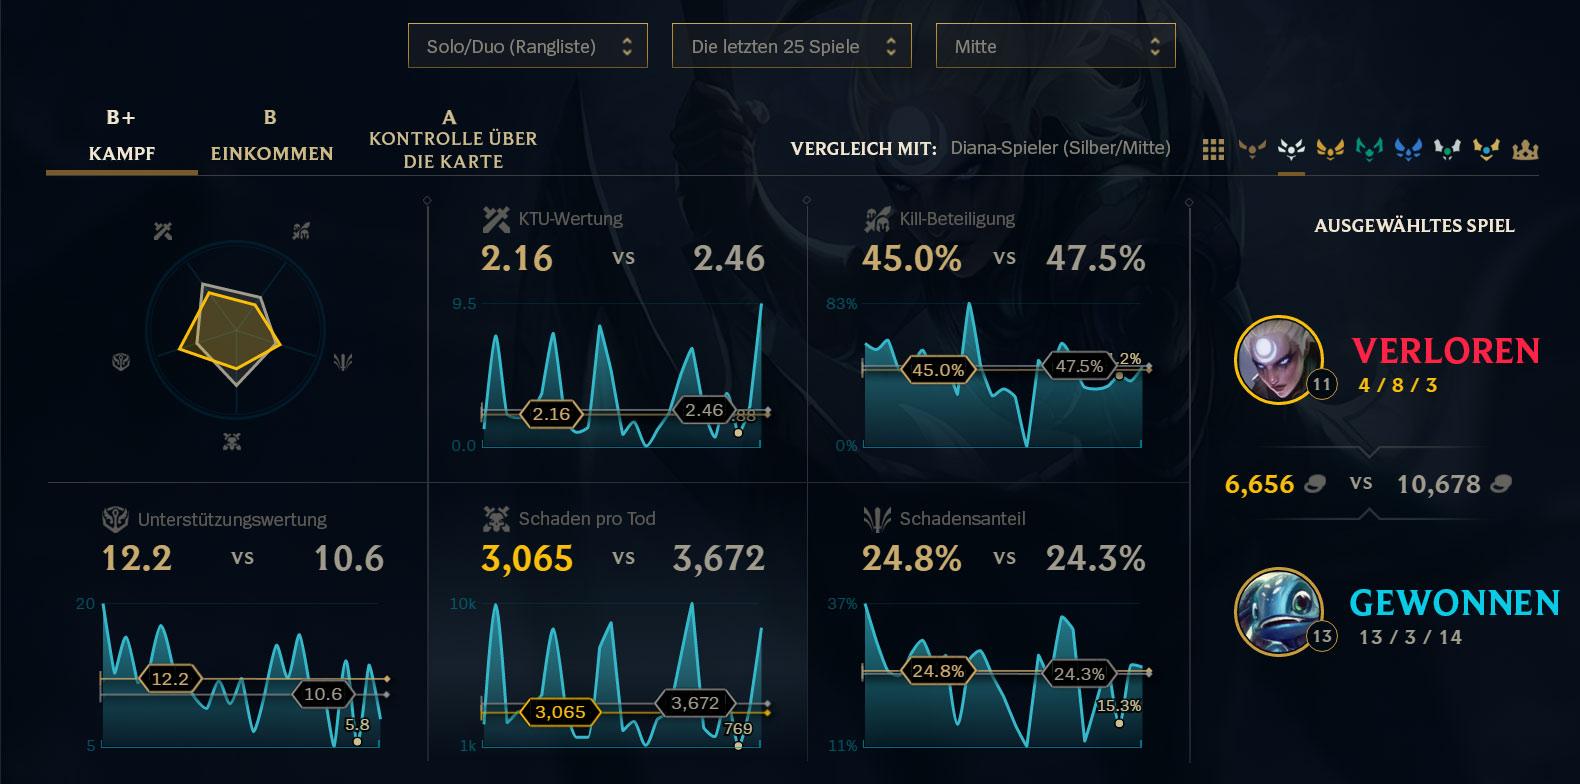 Lol Spieler Stats